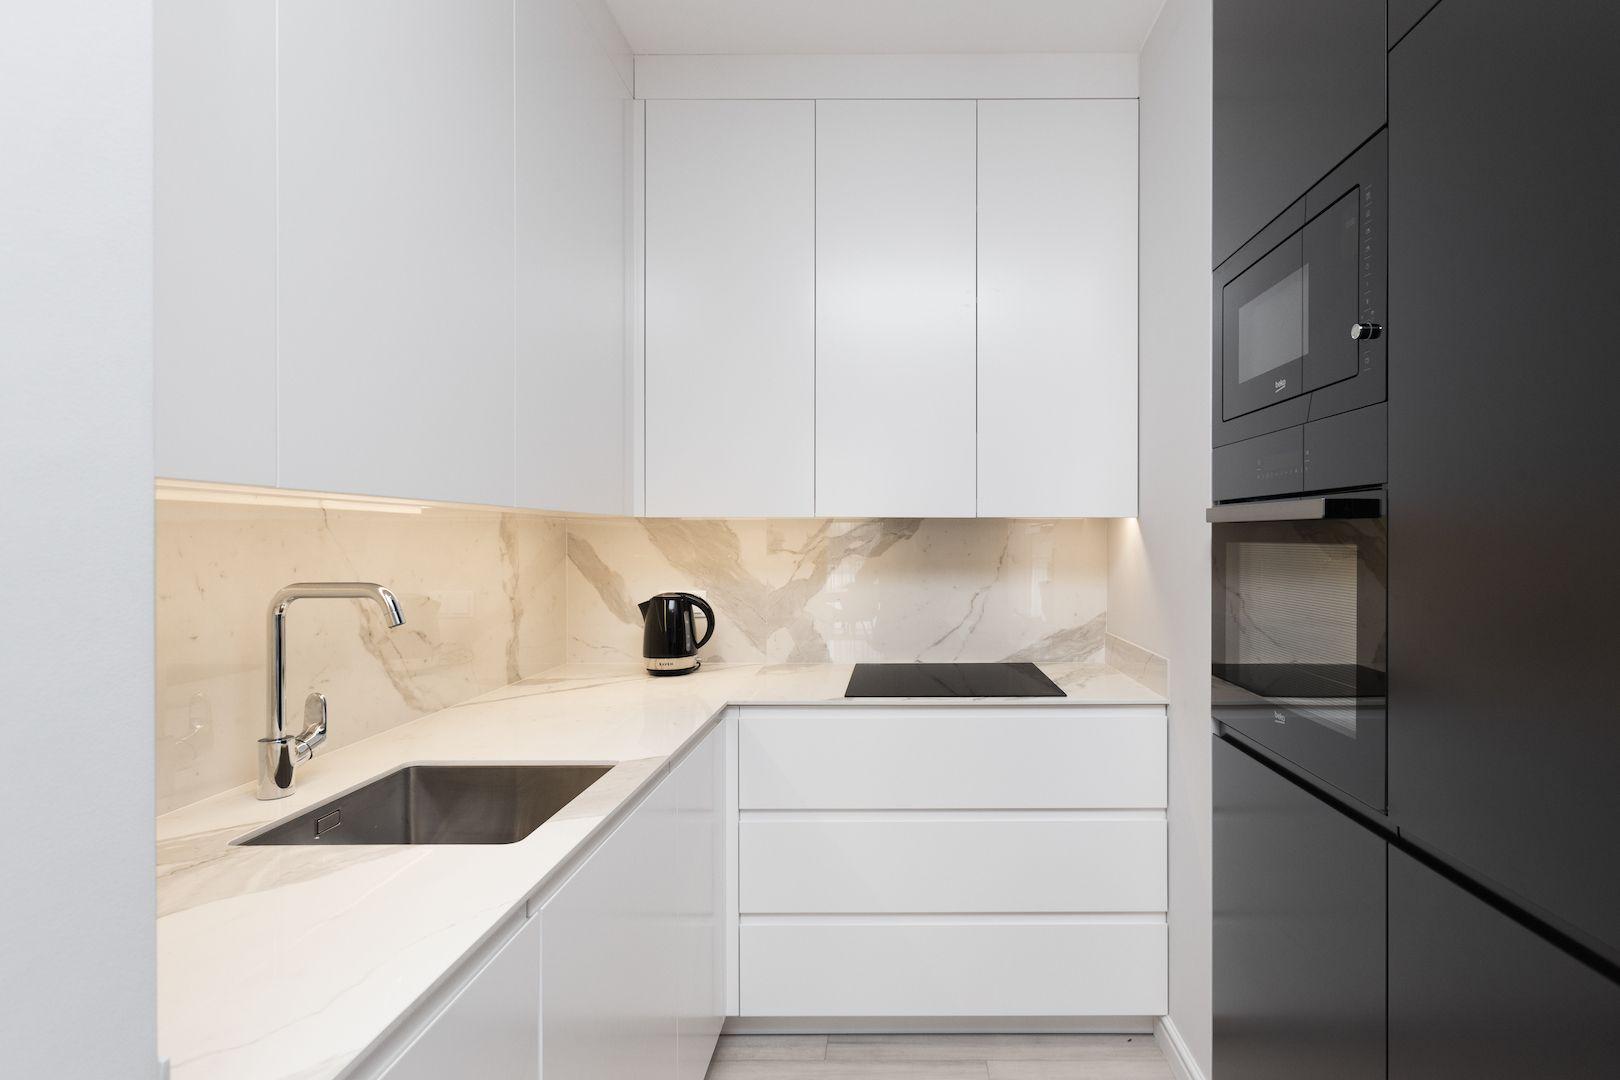 Modern Kitchen Laminam Marazzi Tiles Dmowska Design Architekt Wnetrz Warszawa Siedlce Nowy Dwor Mazowiecki Legionowo Nie Kitchen Home Decor Decor